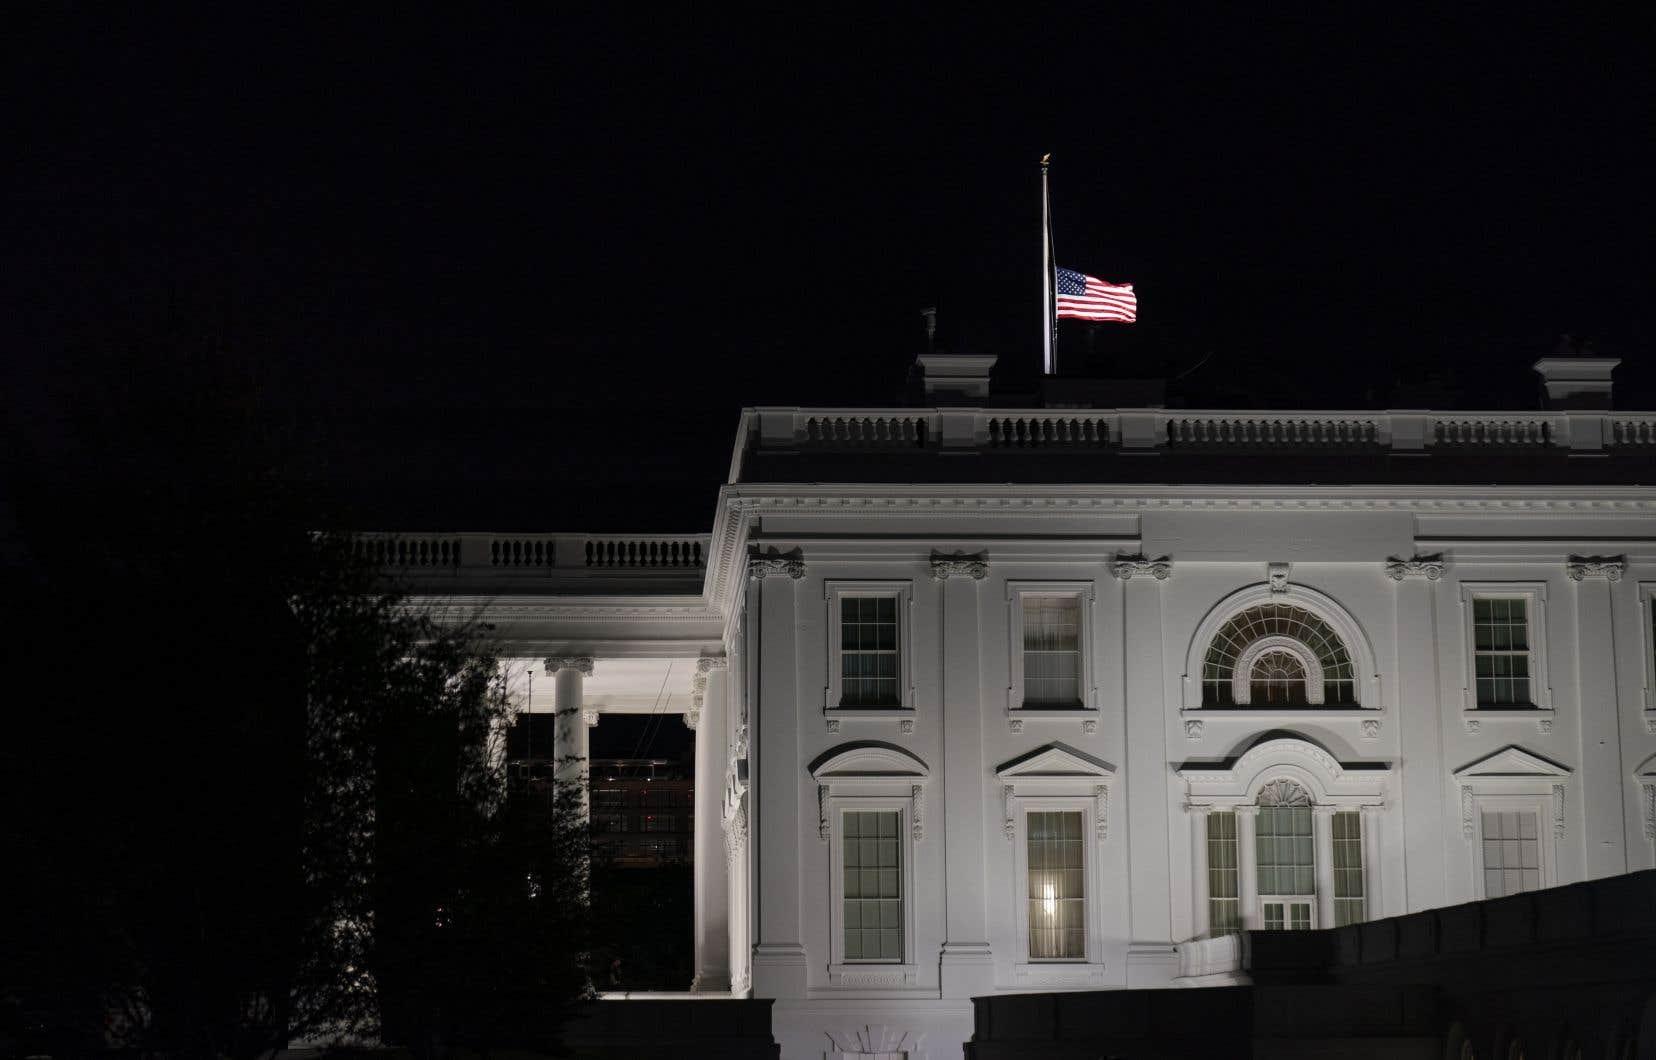 L'enveloppe a été adressée à la Maison Blanche cette semaine et interceptée avant d'atteindre le président Donald Trump.